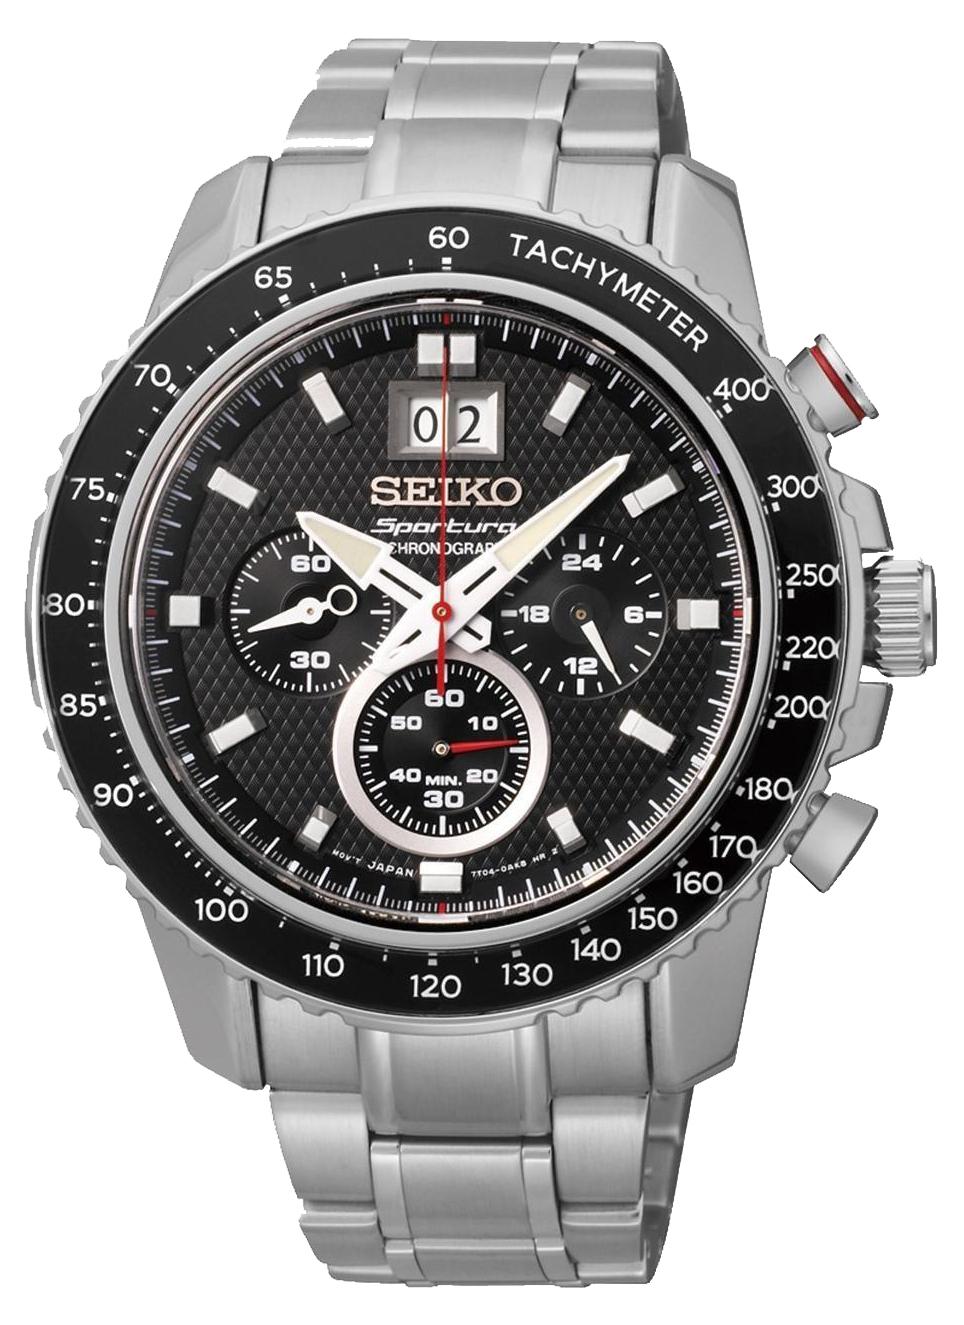 Seiko Sportura SPC137P1Наручные часы<br>Японские часы Seiko Sportura SPC137P1<br><br>Для кого?: Мужские<br>Страна-производитель: Япония<br>Механизм: Кварцевый<br>Материал корпуса: Сталь<br>Материал ремня/браслета: Сталь<br>Водозащита, диапазон: 100 - 150 м<br>Стекло: Сапфировое<br>Толщина корпуса: None<br>Стиль: Спорт